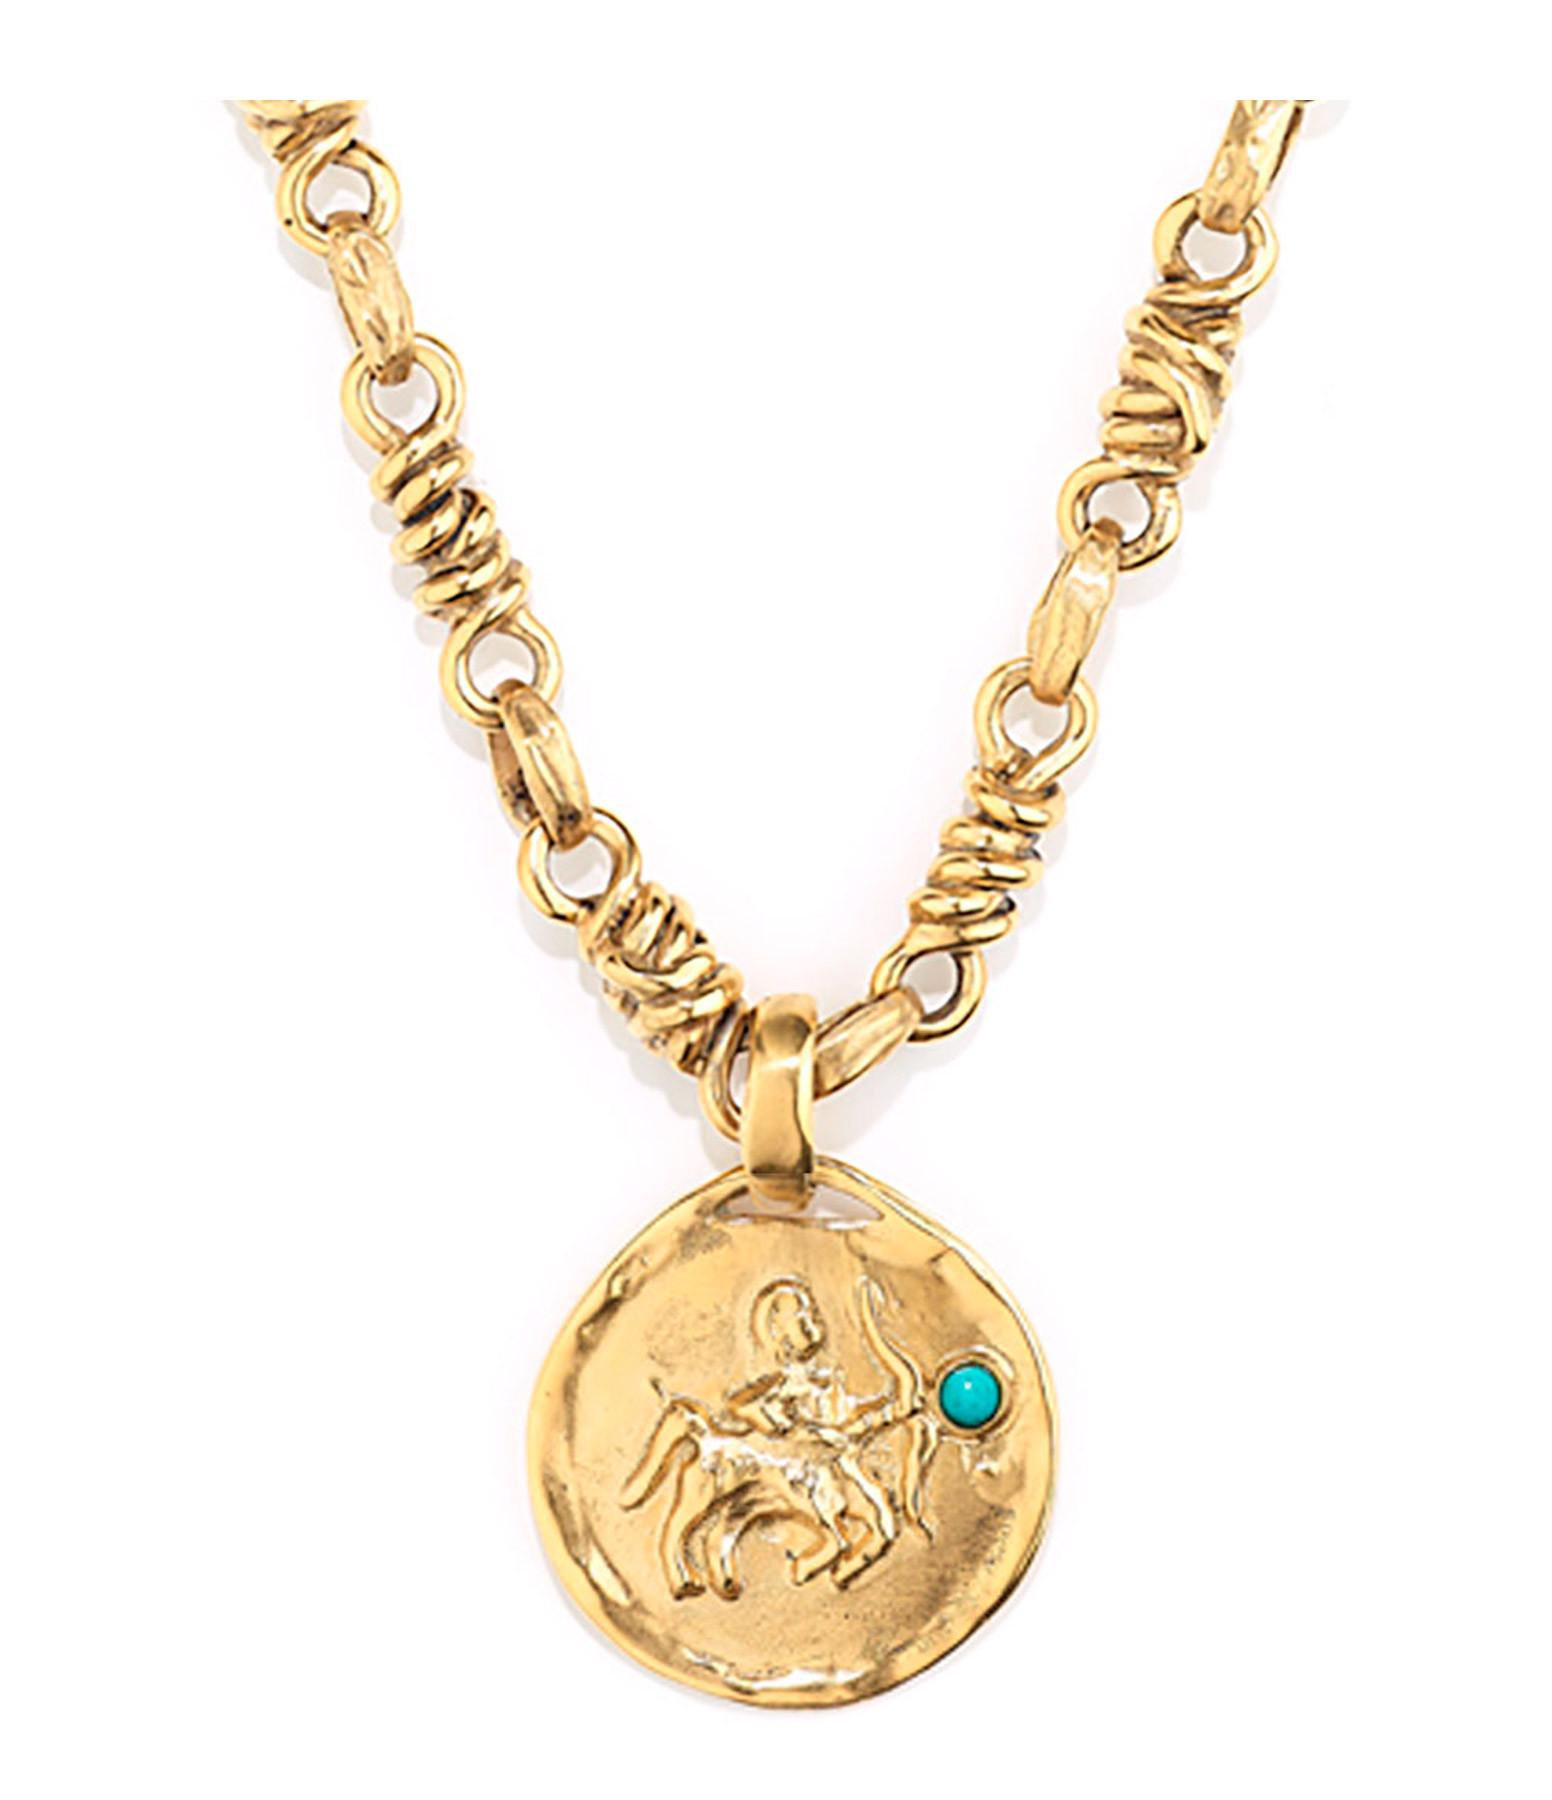 GOOSSENS - Collier Talisman Astro Sagittaire Turquoise